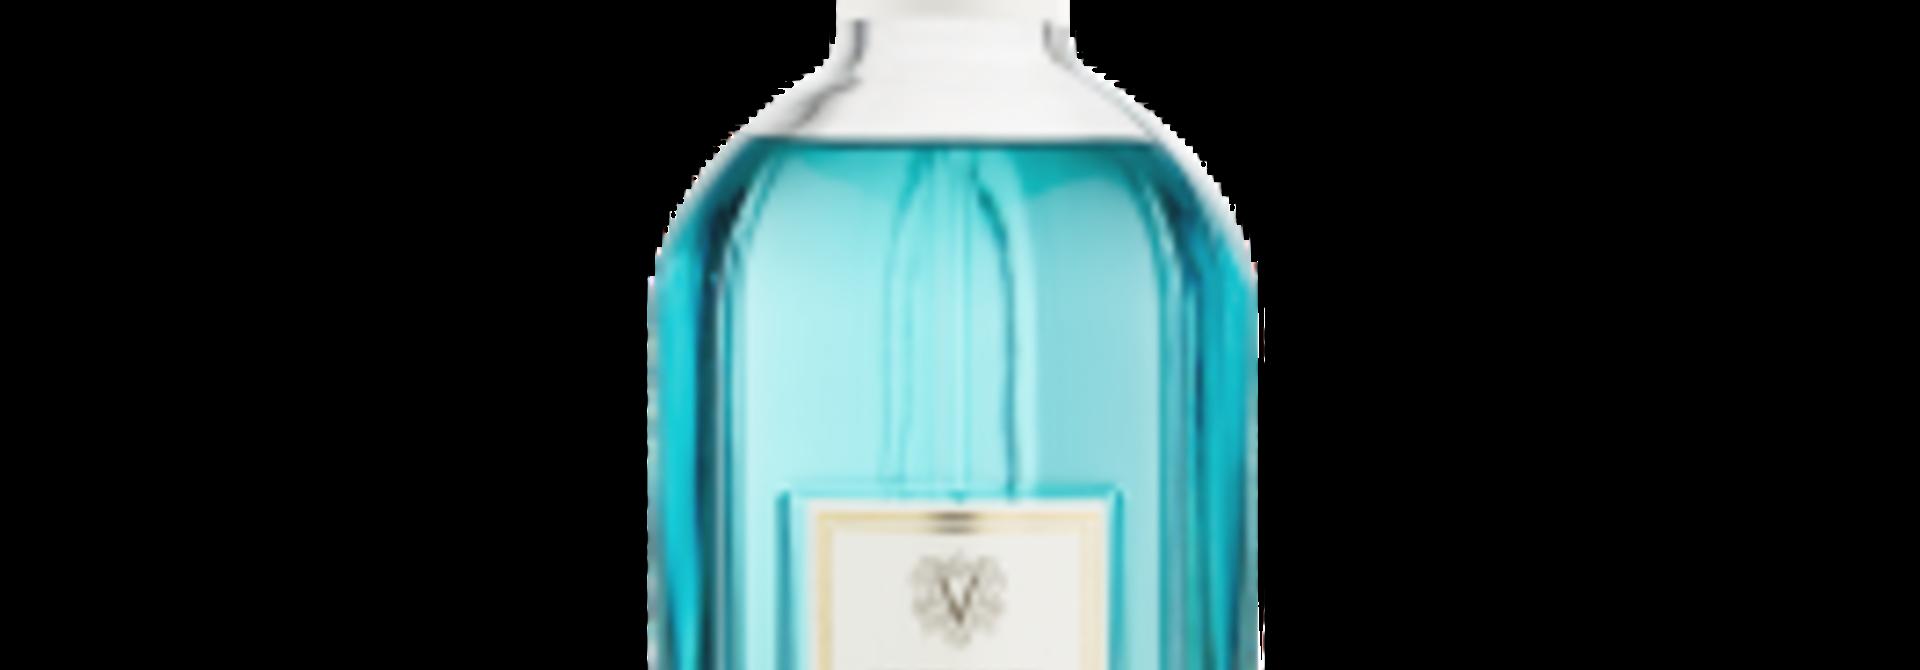 DR.VRANJES - Diffuser Aqua 500ml